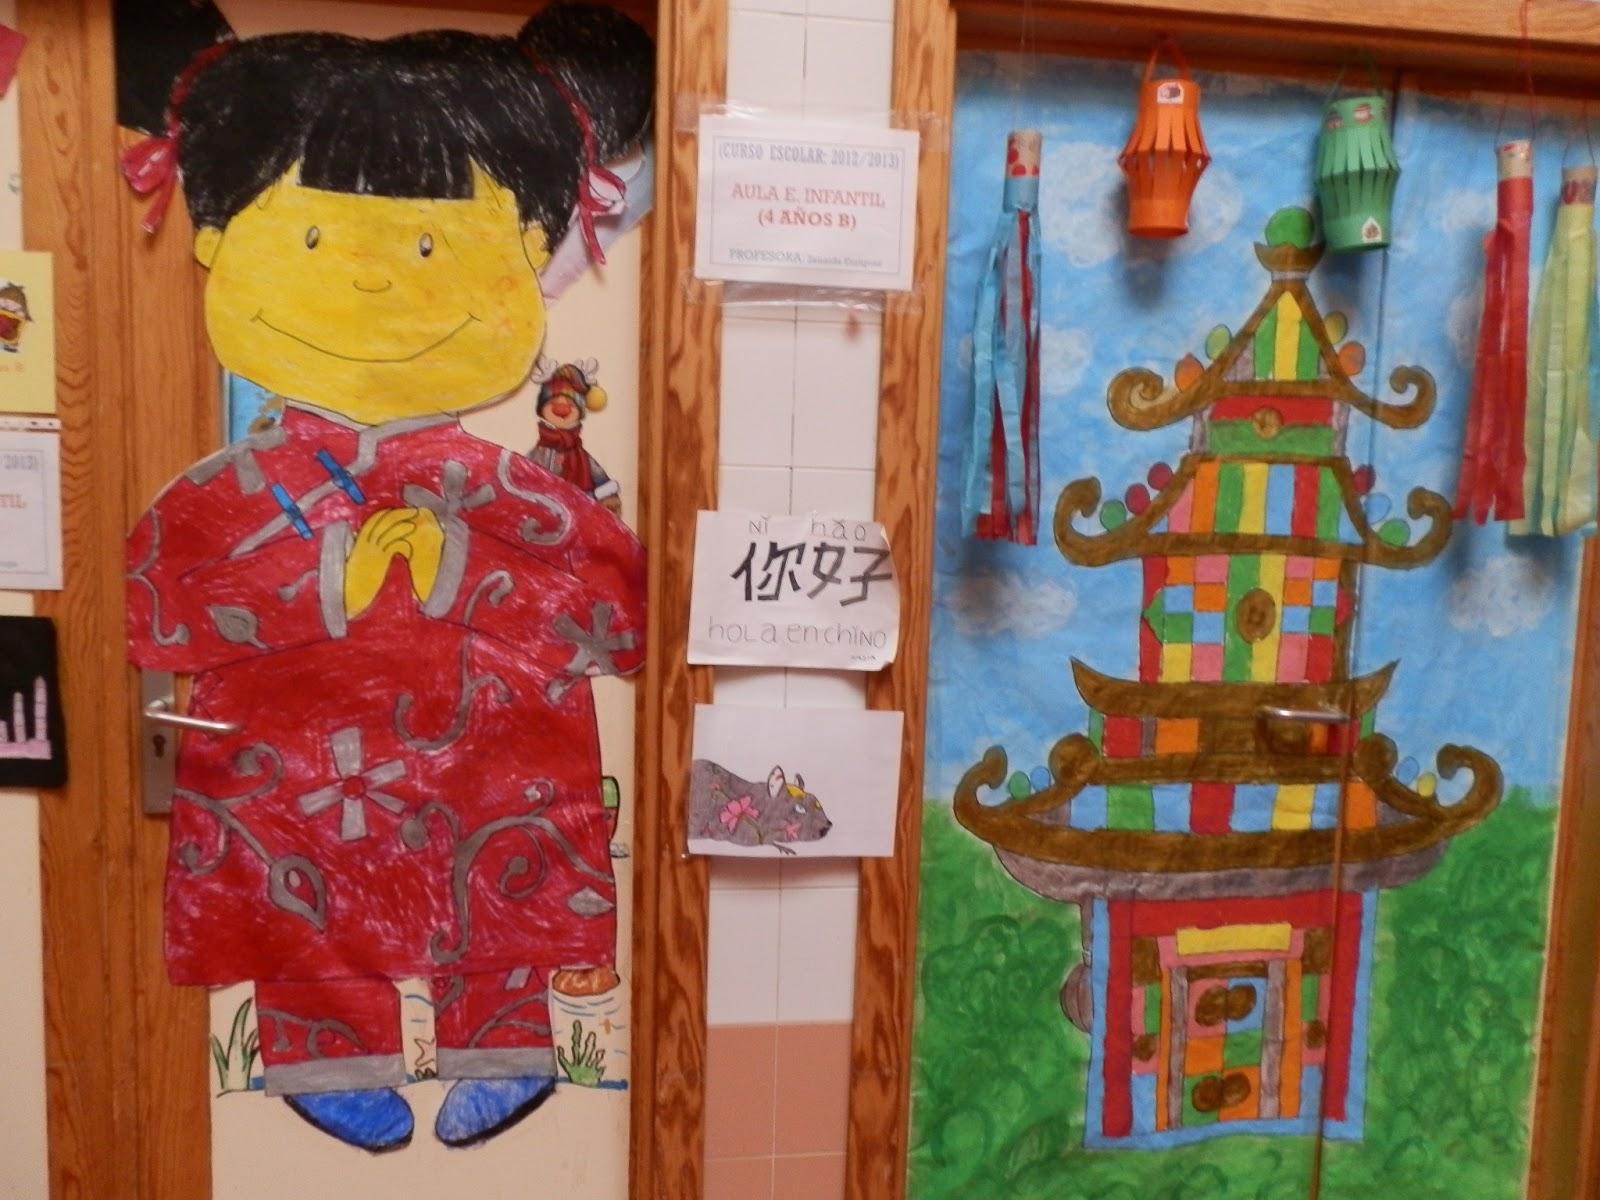 Proyectos en educaci n infantil febrero 2013 for Puertas decoradas educacion infantil